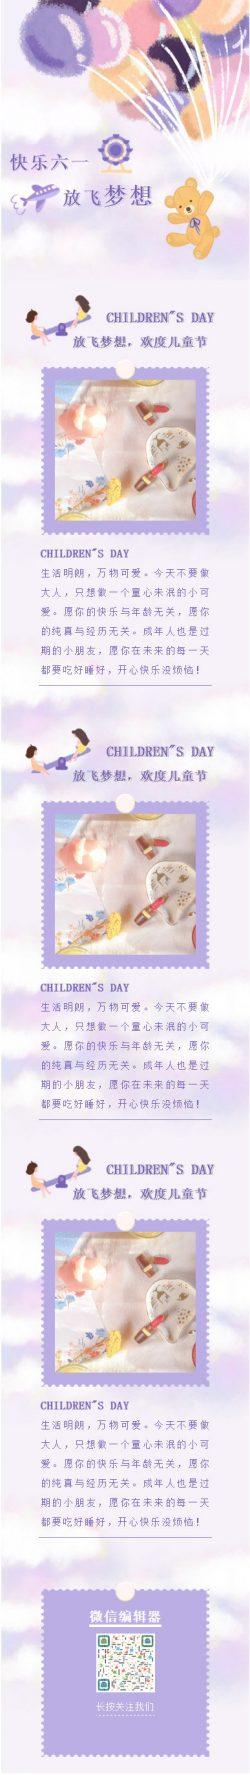 微信儿童节模板六一儿童节营销推文素材公众平台推送图文模板